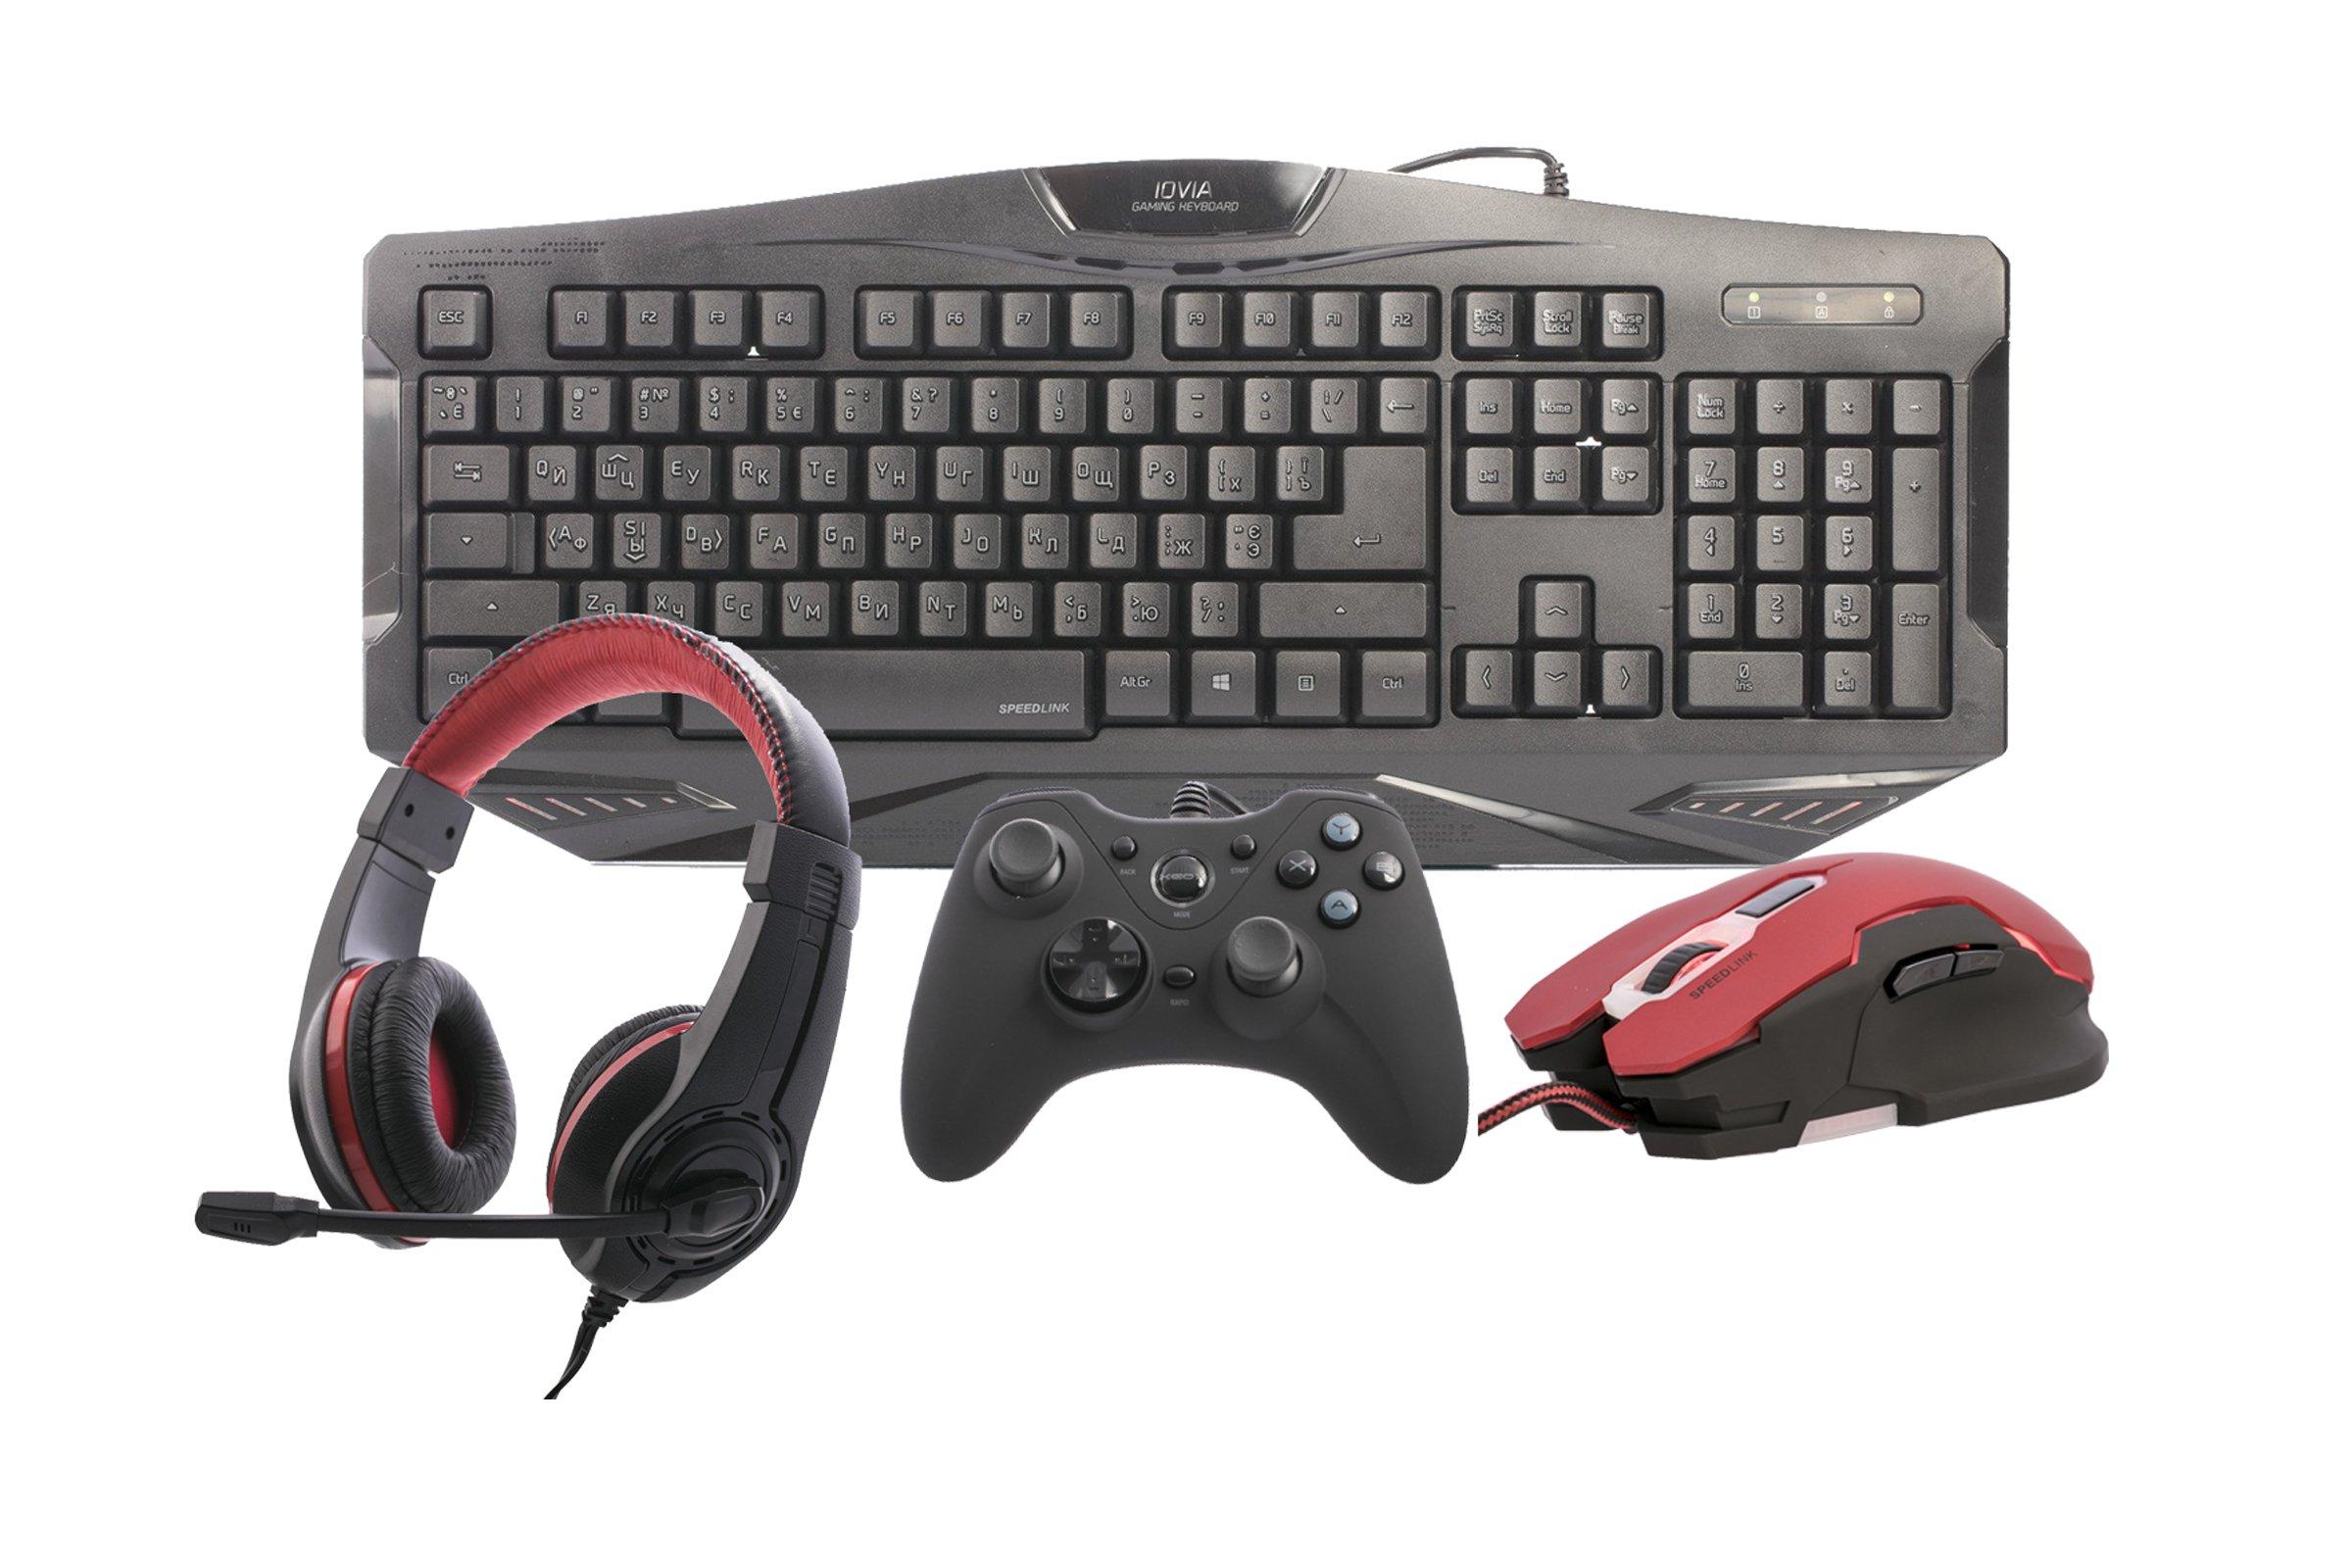 SpeedLink Gaming Set Mouse + Controller + Keyboard + Headset PC